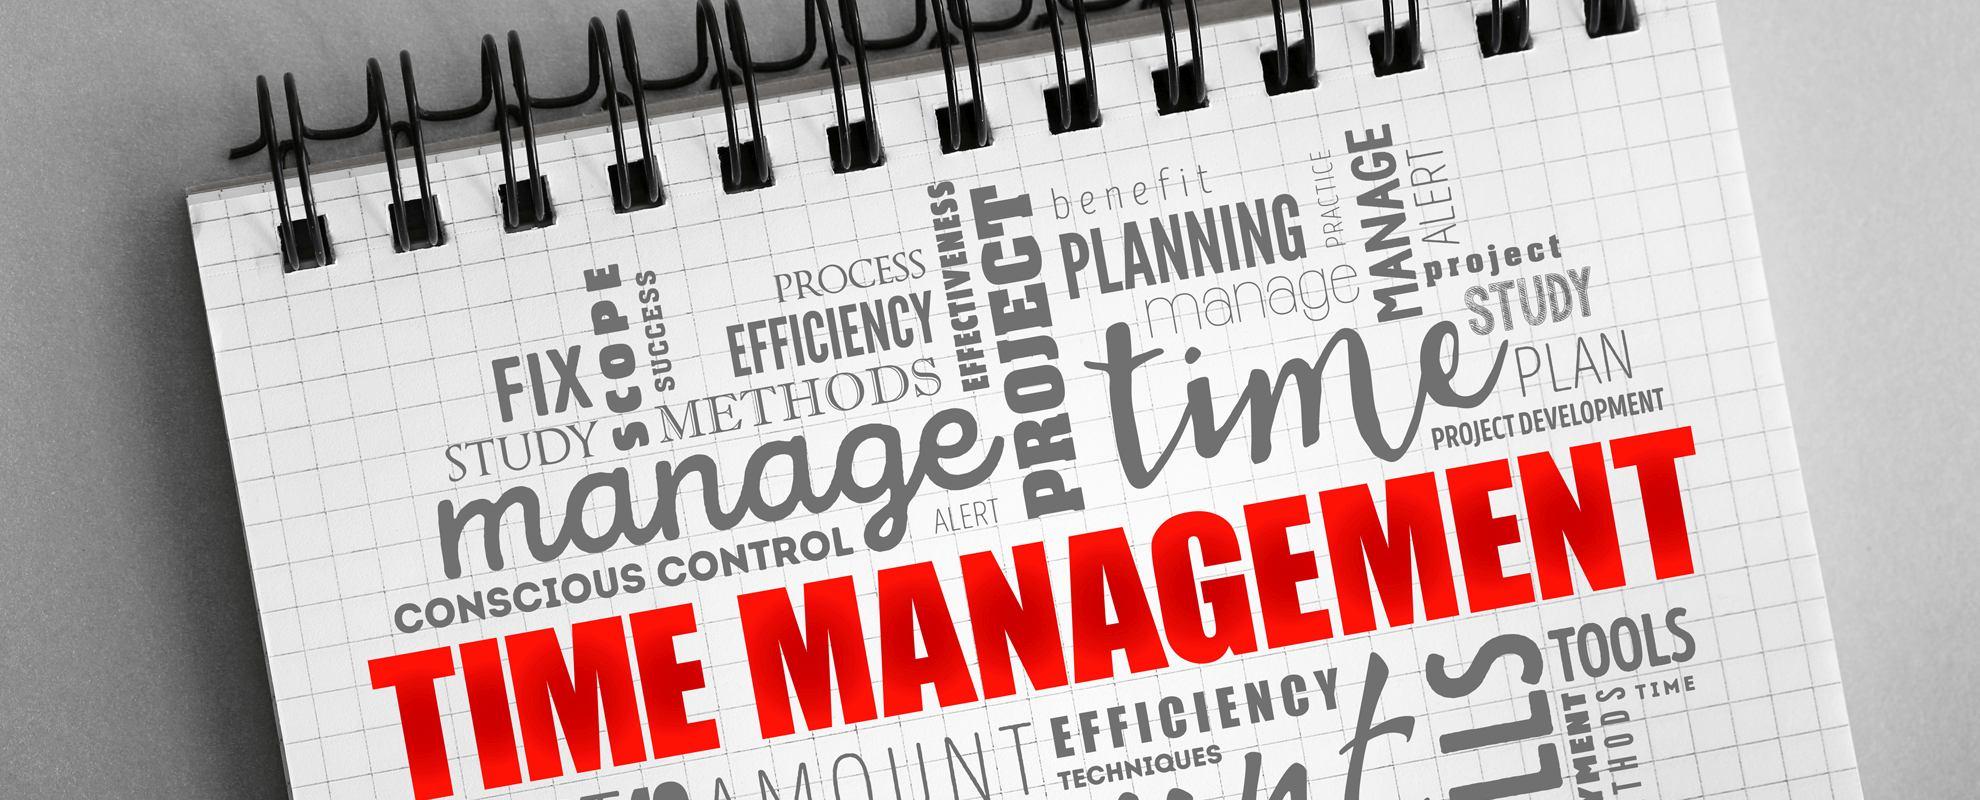 ניהול זמן: אם לא תקצו זמן – לא יהיה לכם זמן לקרוא את זה